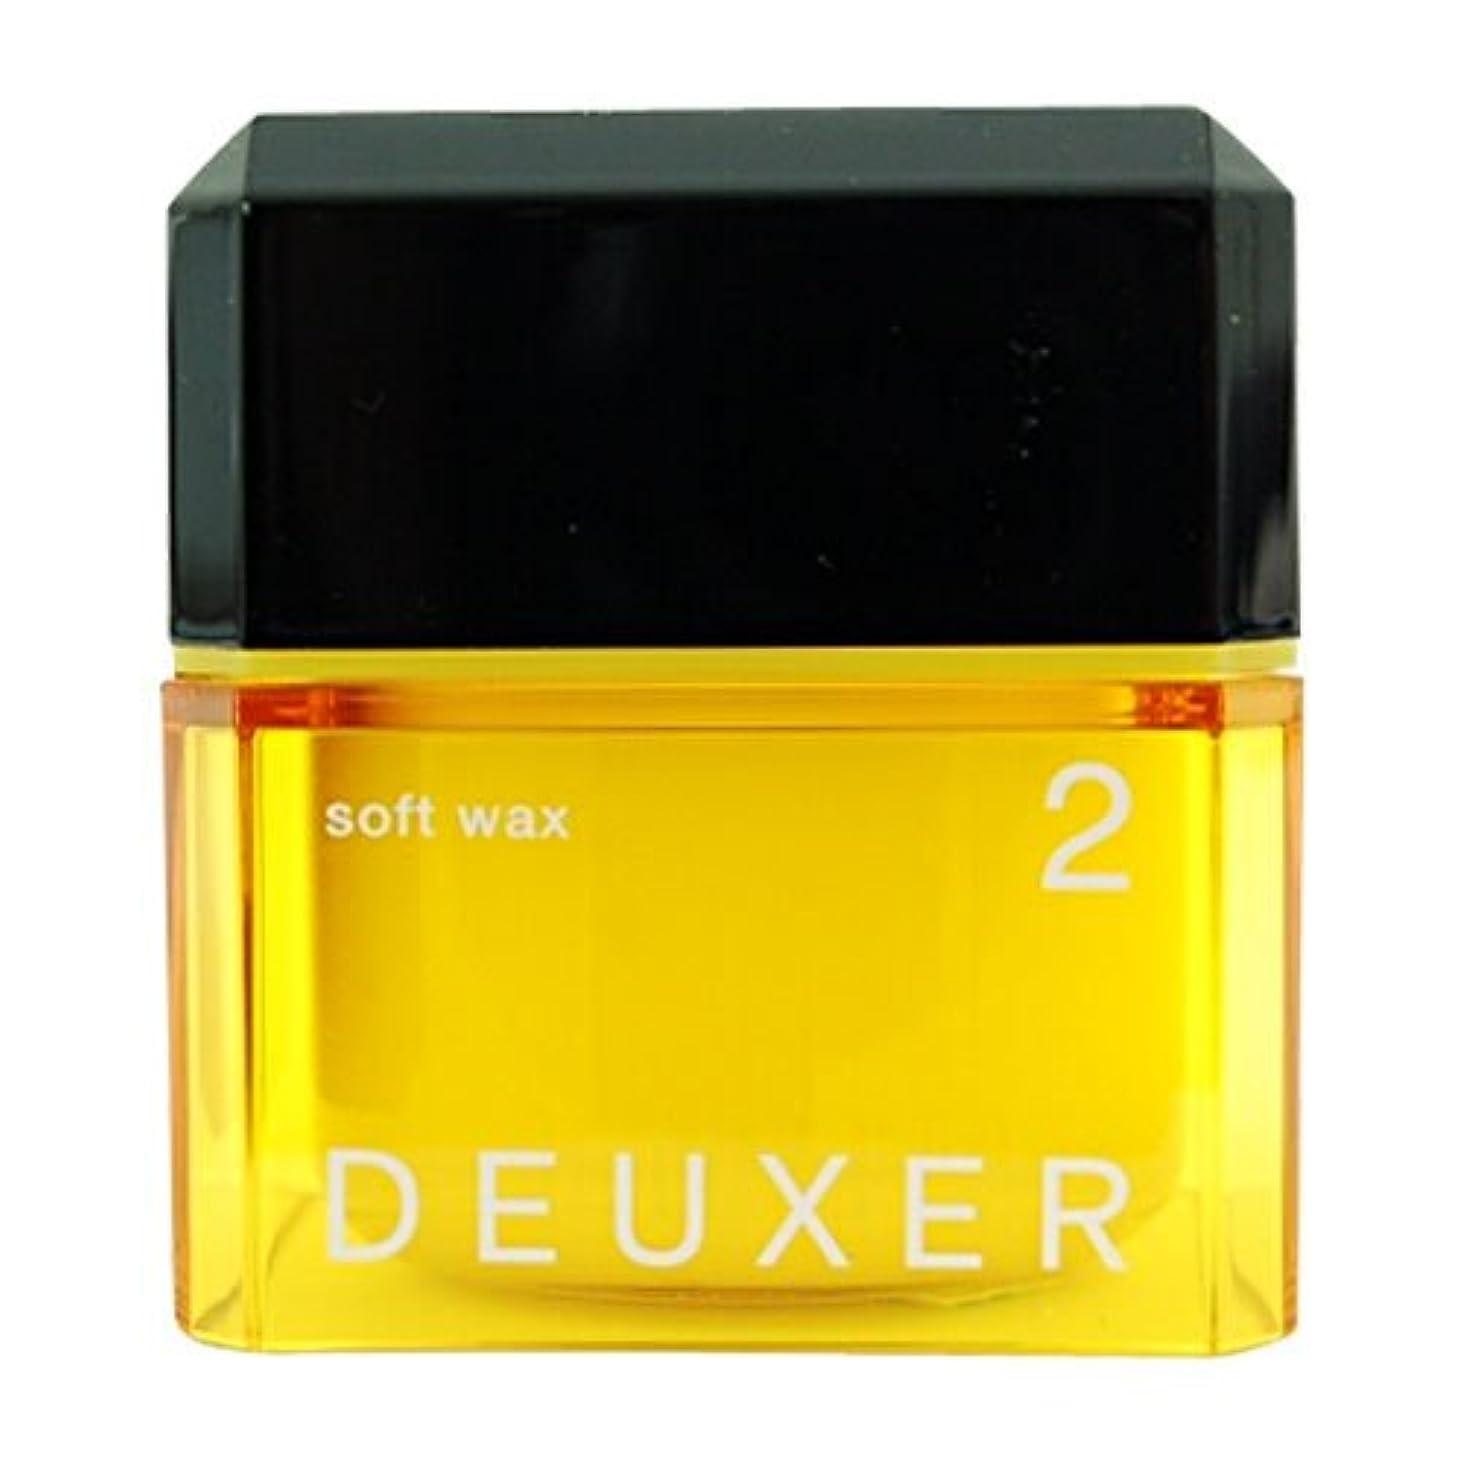 市民権注入するほんのナンバースリー DEUXER(デューサー) ソフトワックス 2 80g